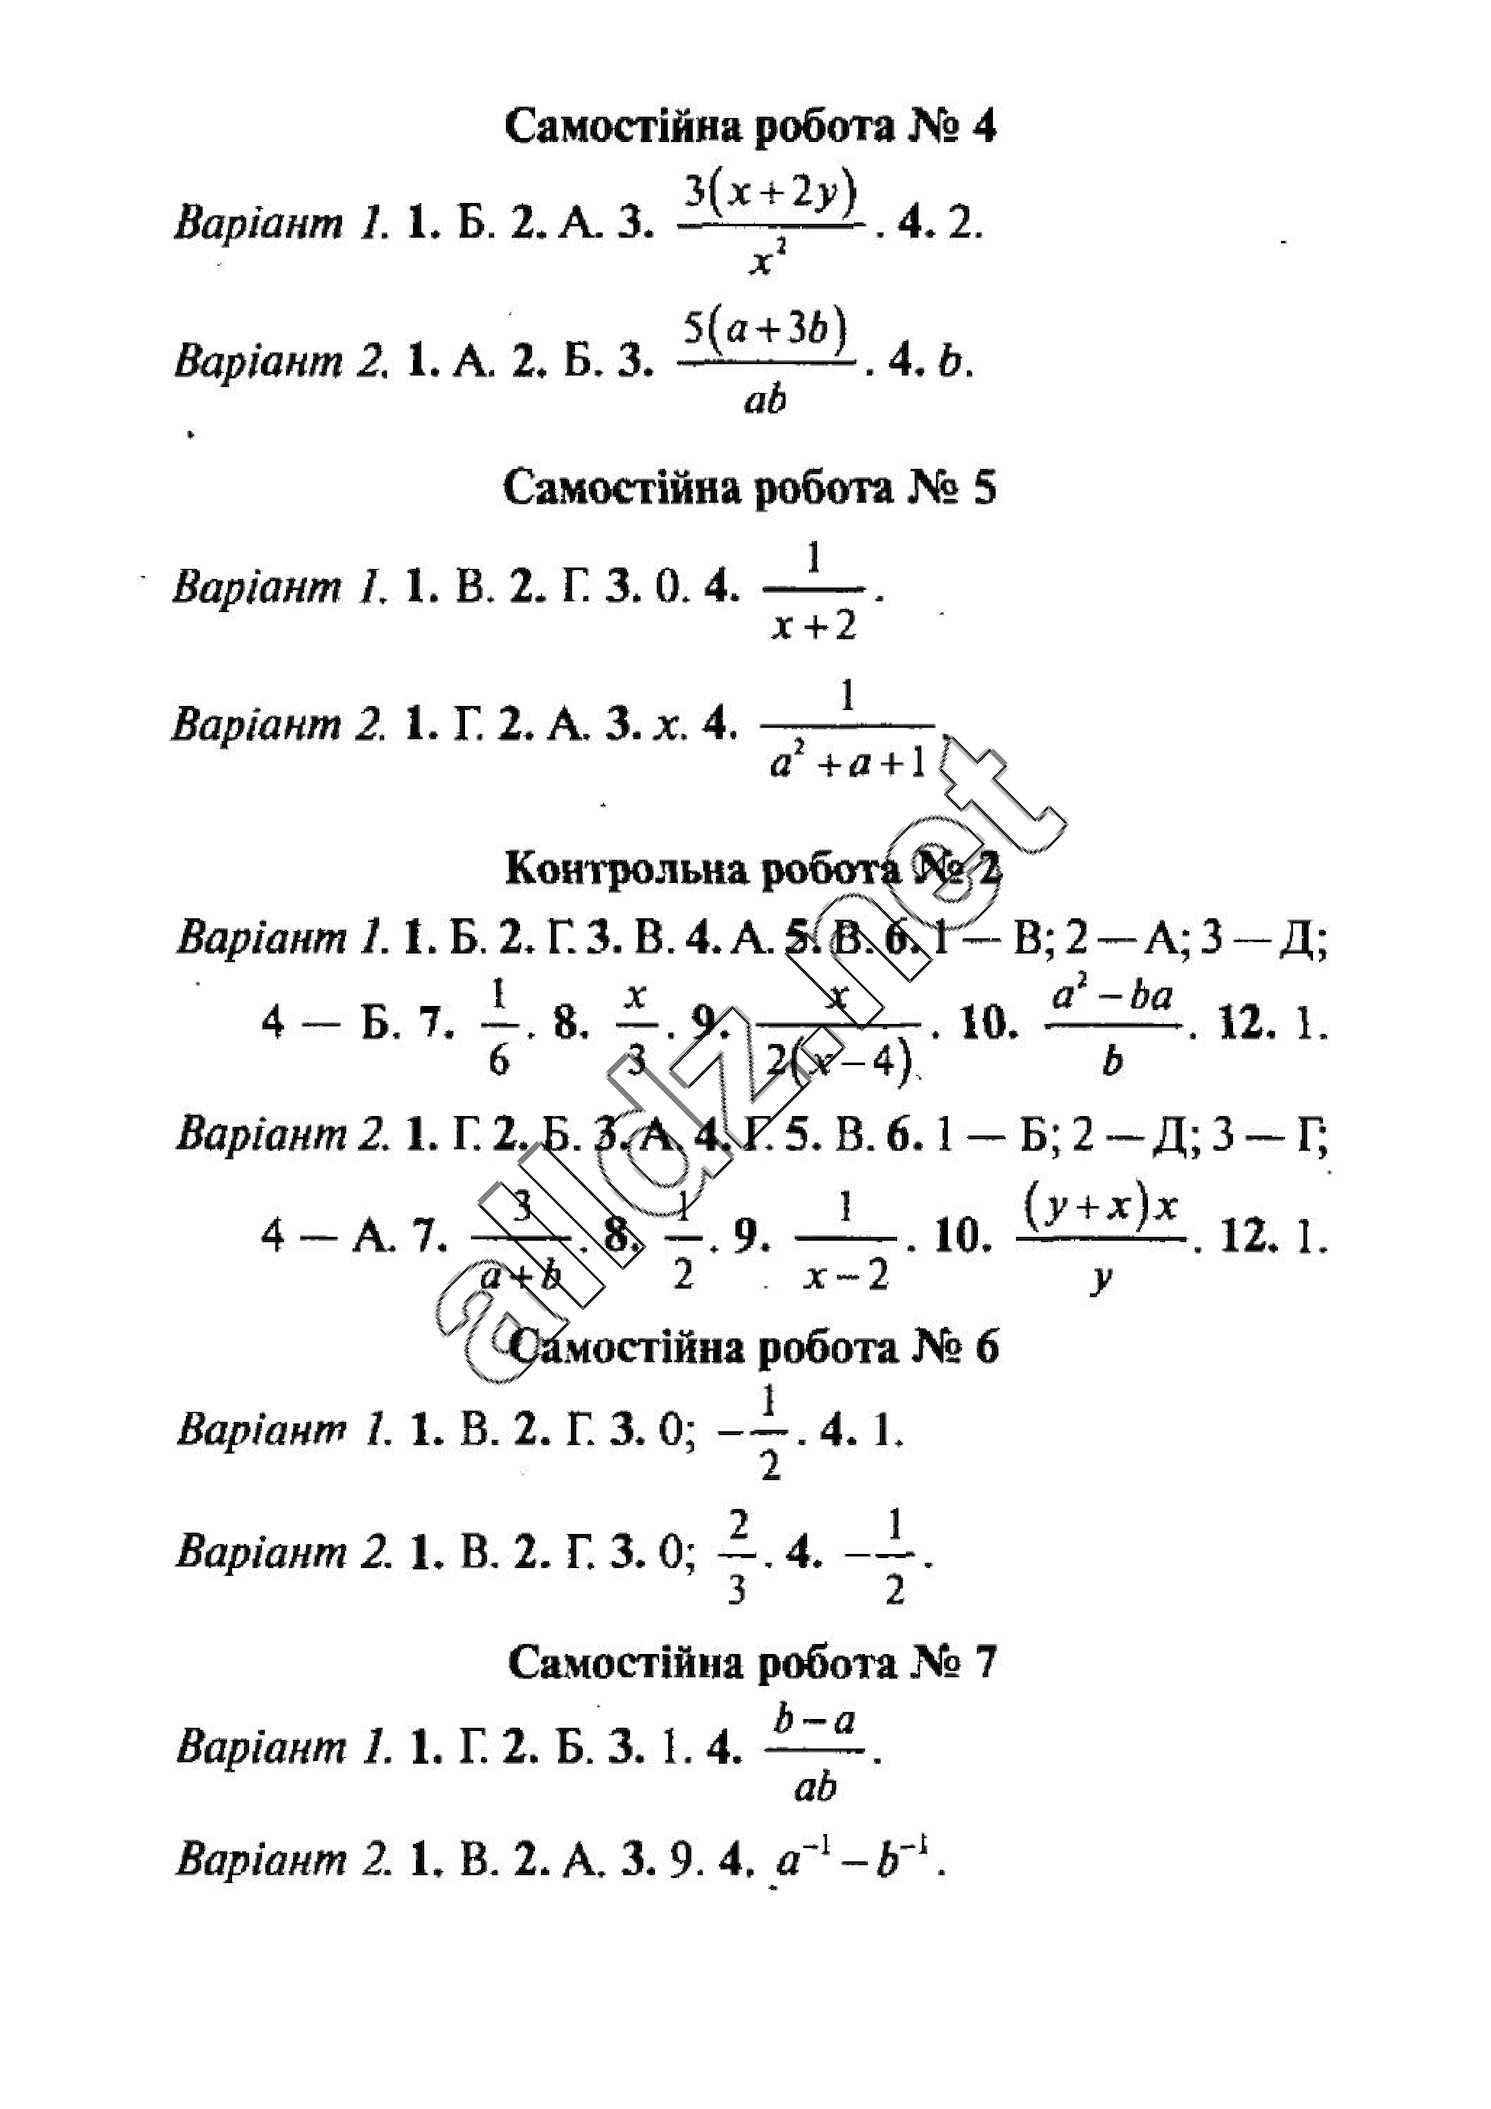 гдз тестовий контроль знань 9 клас гальперна